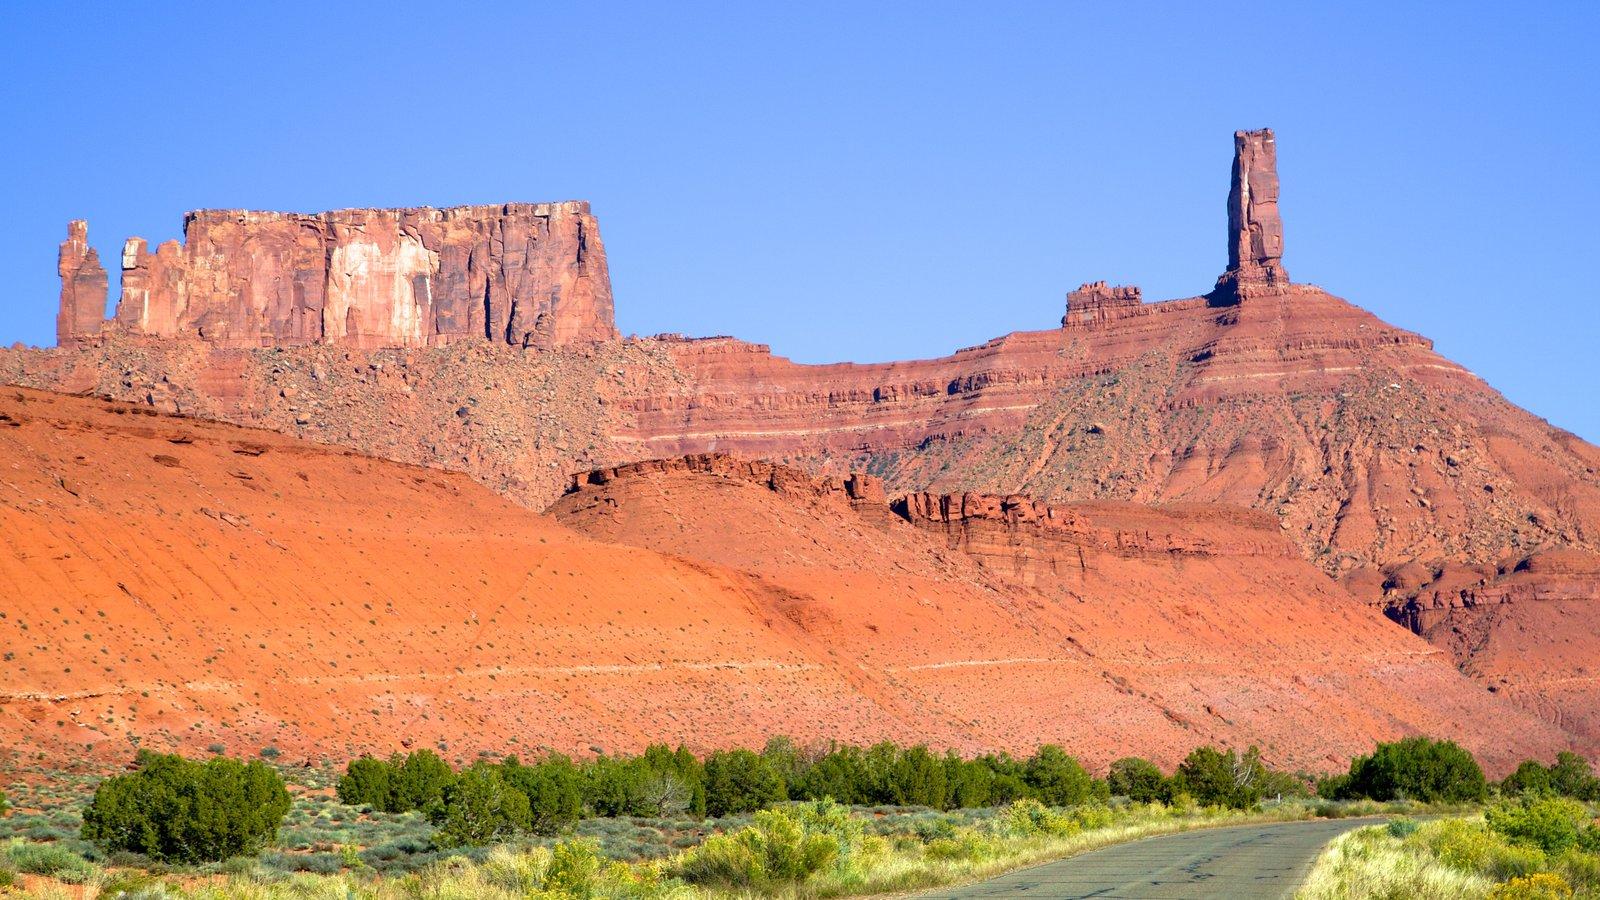 Moab mostrando paisagem e cenas tranquilas